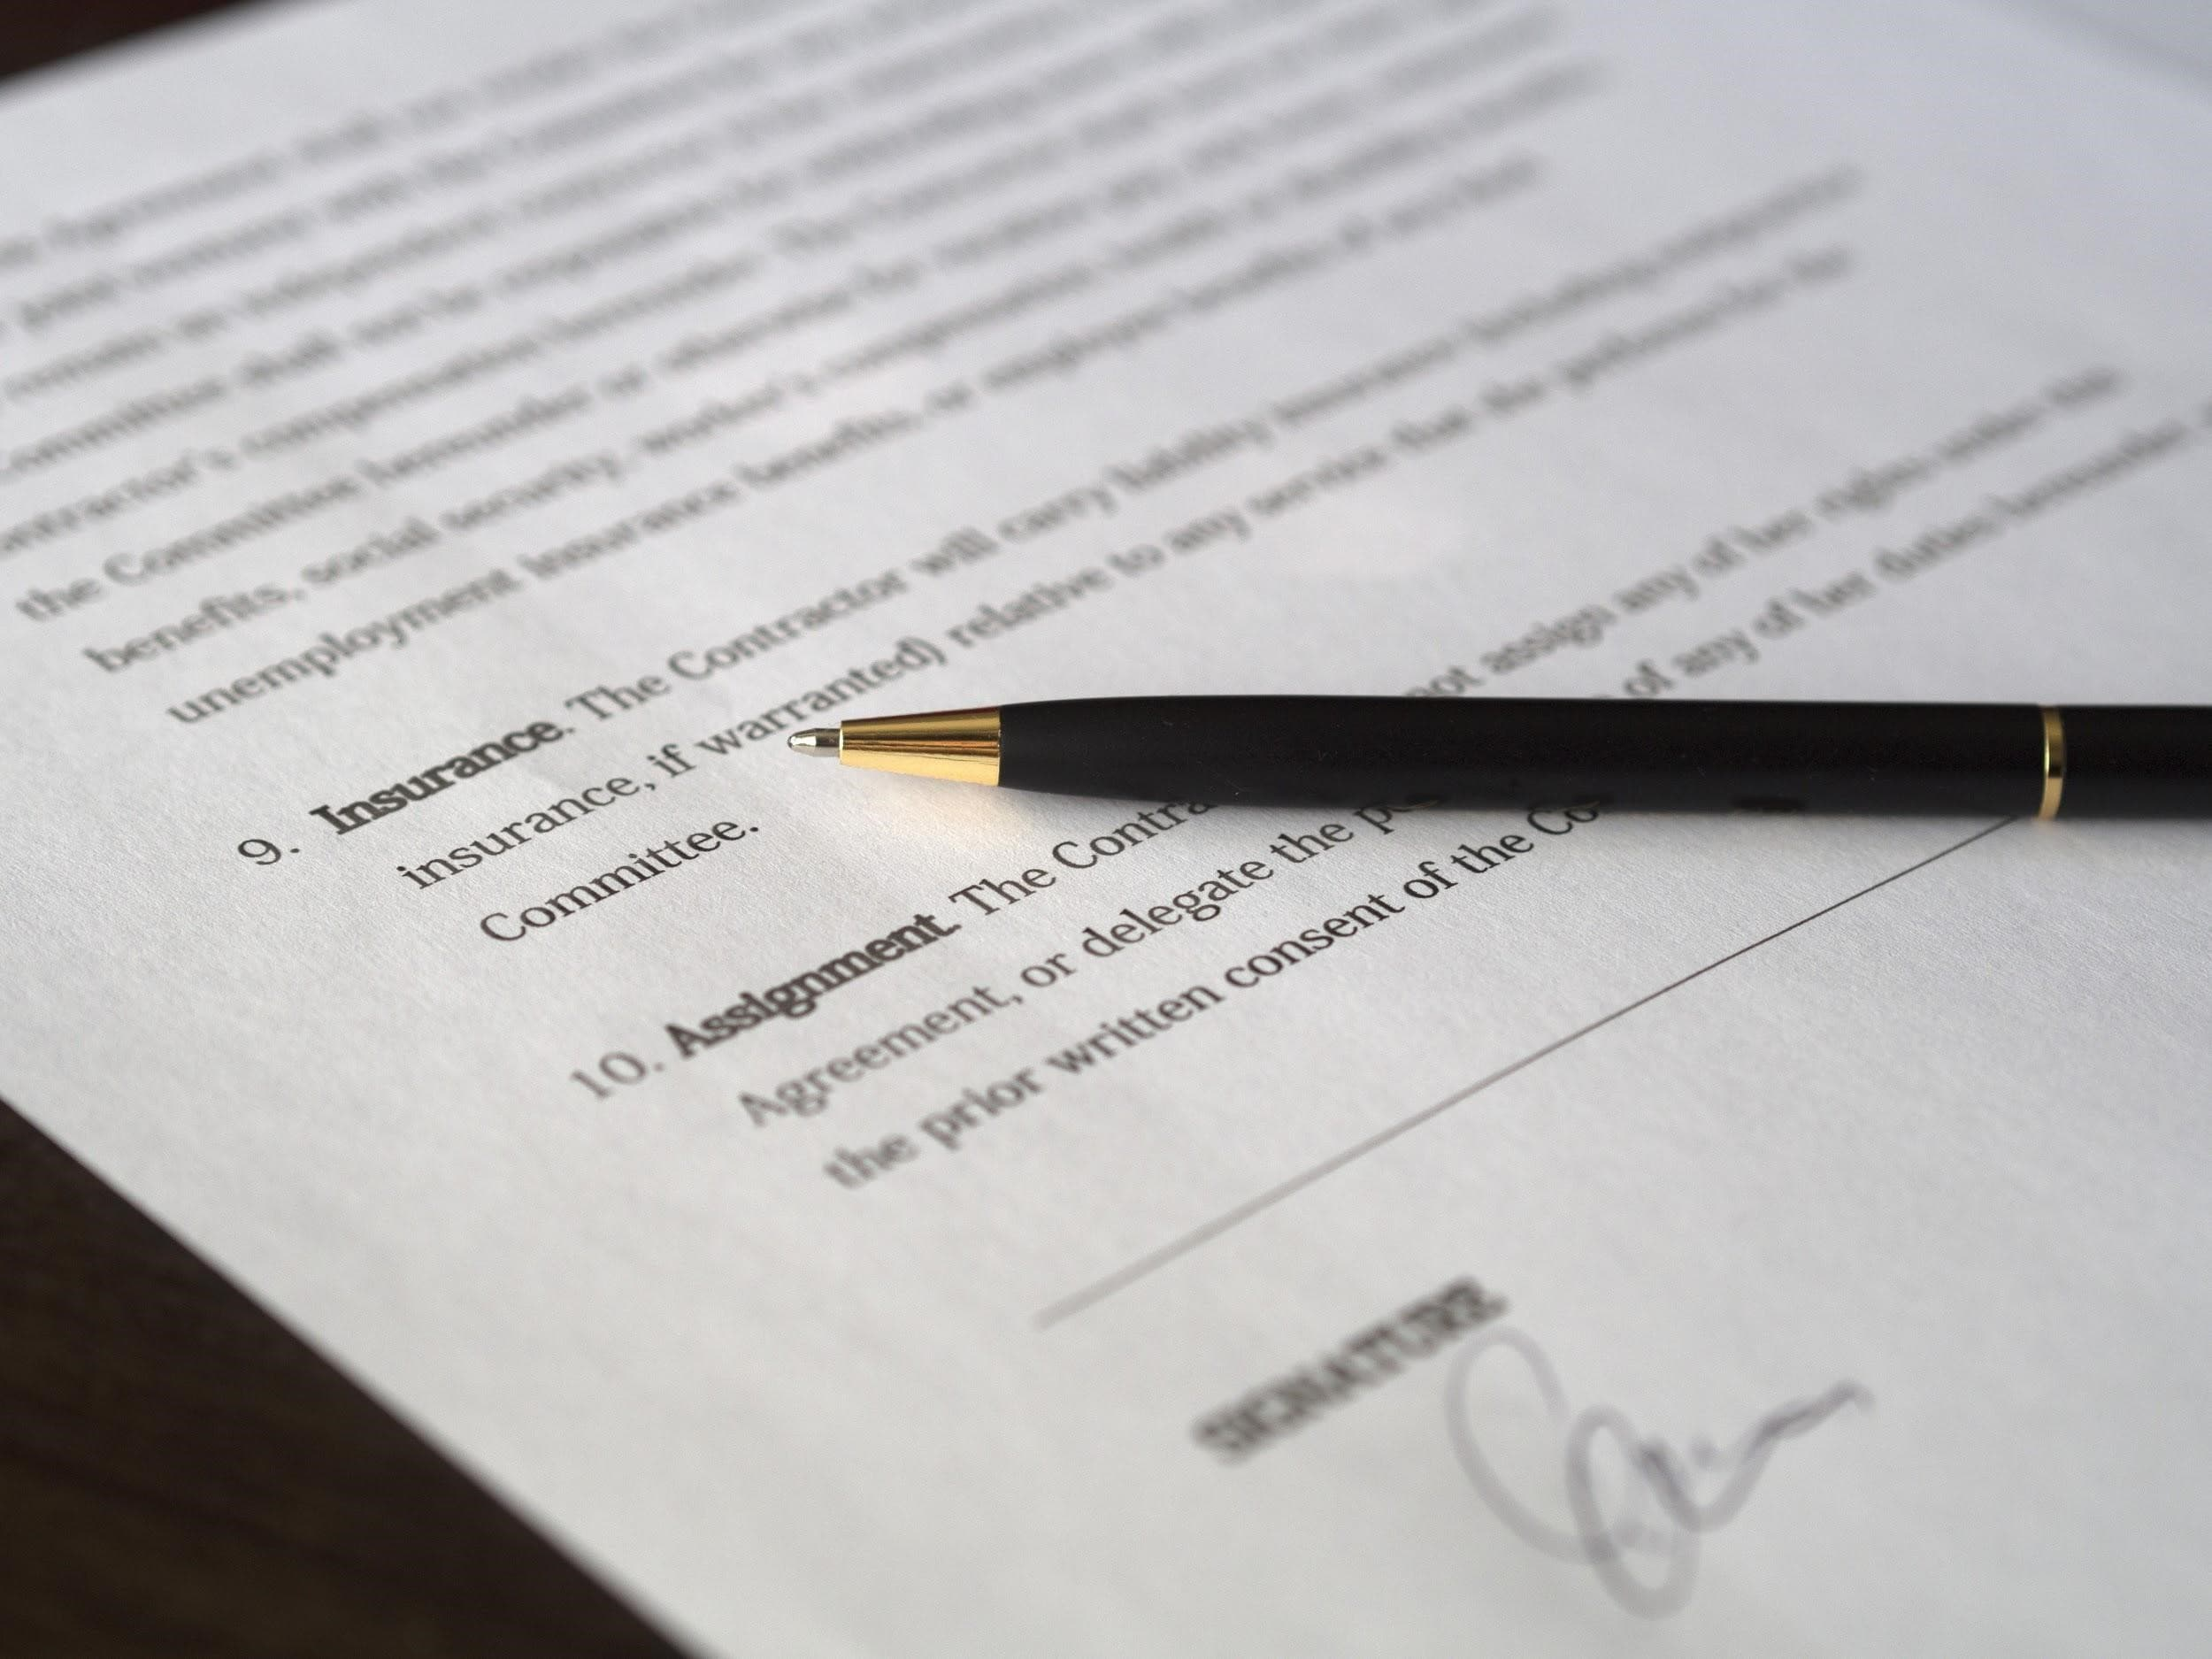 電子契約書の効力とは?電子署名と根拠となる法令について徹底解説